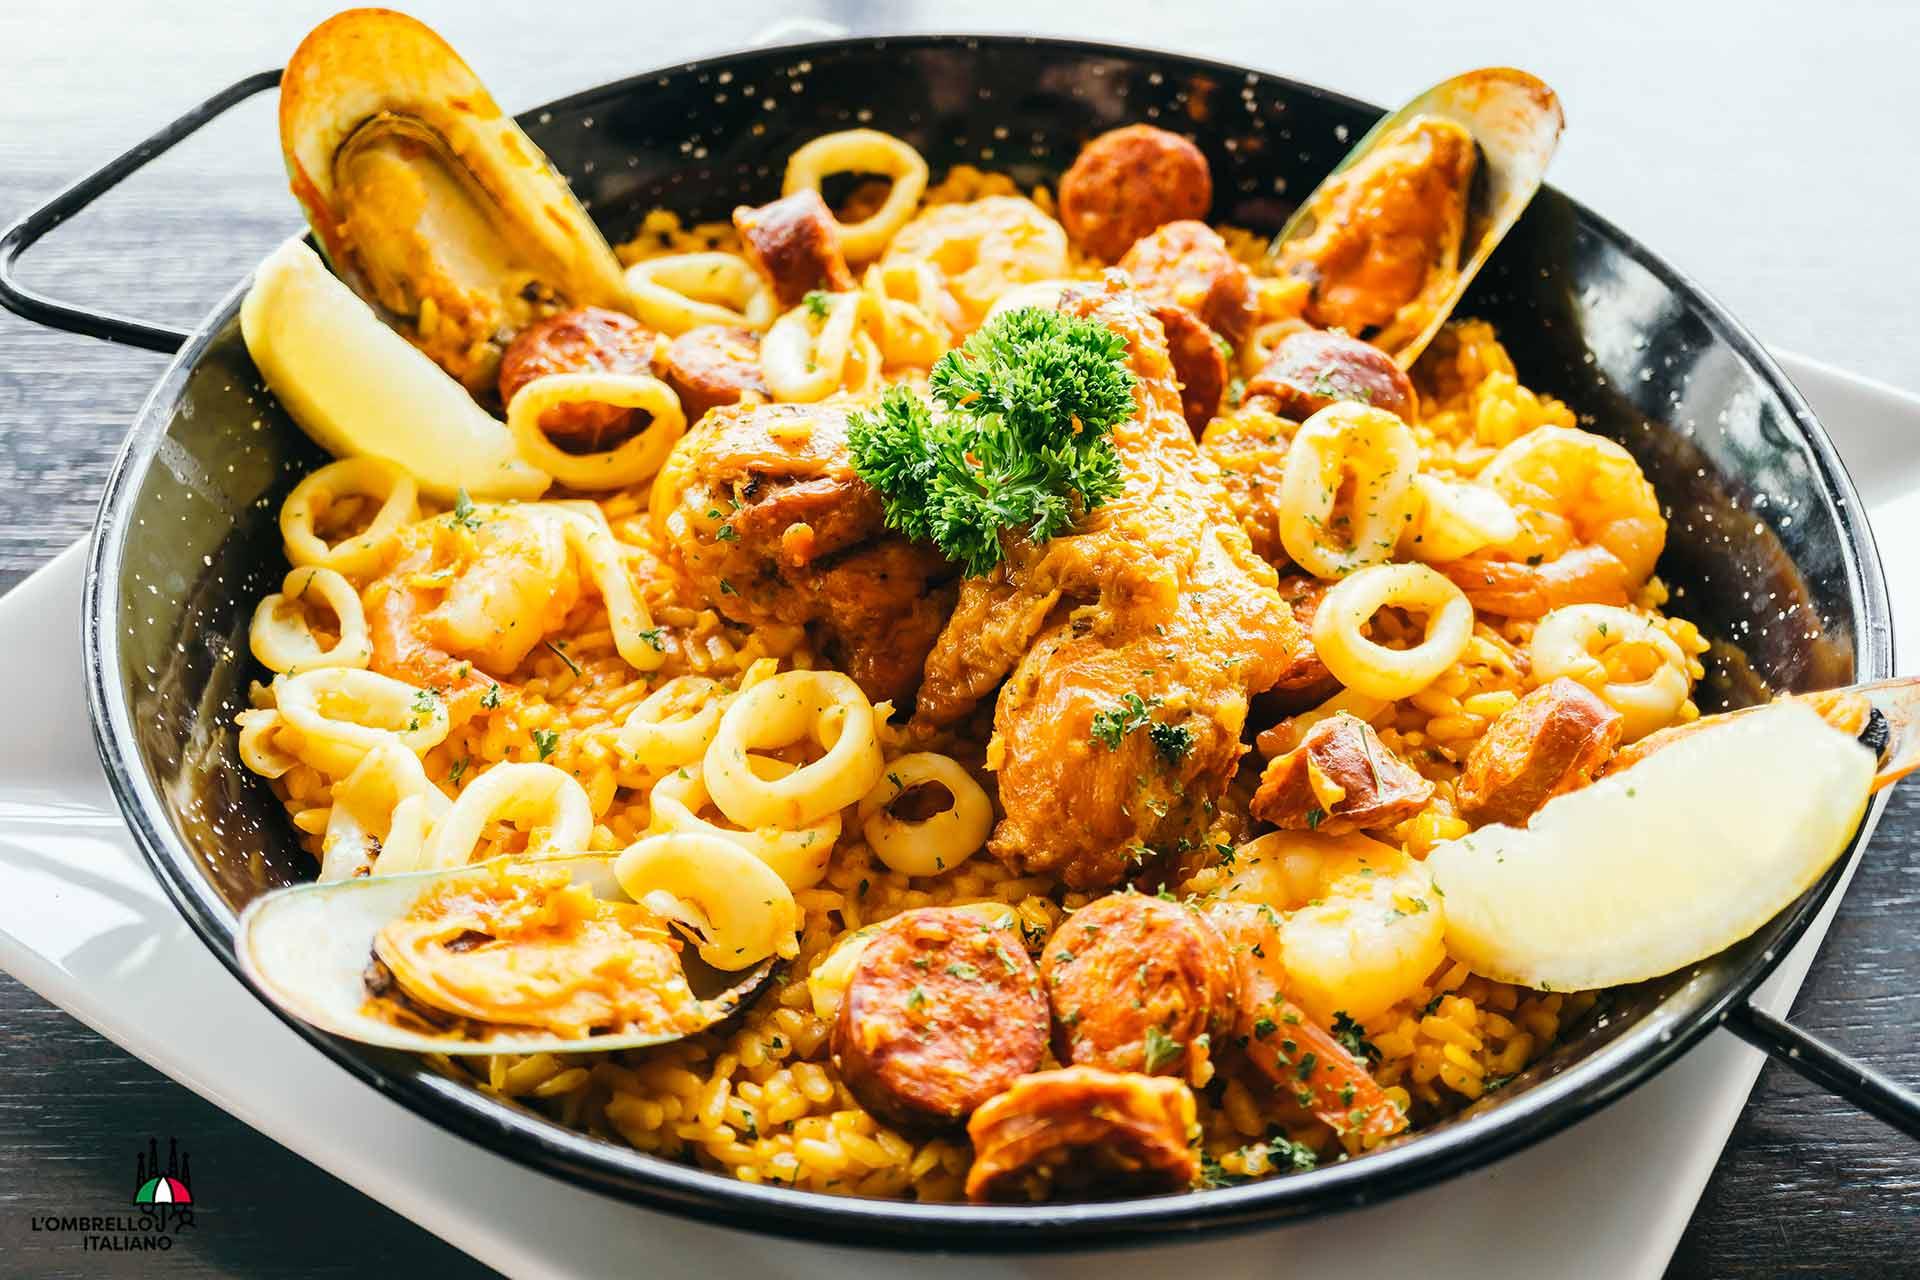 Paella a Barcellona, consigli su dove mangiare la paella a Barcellona